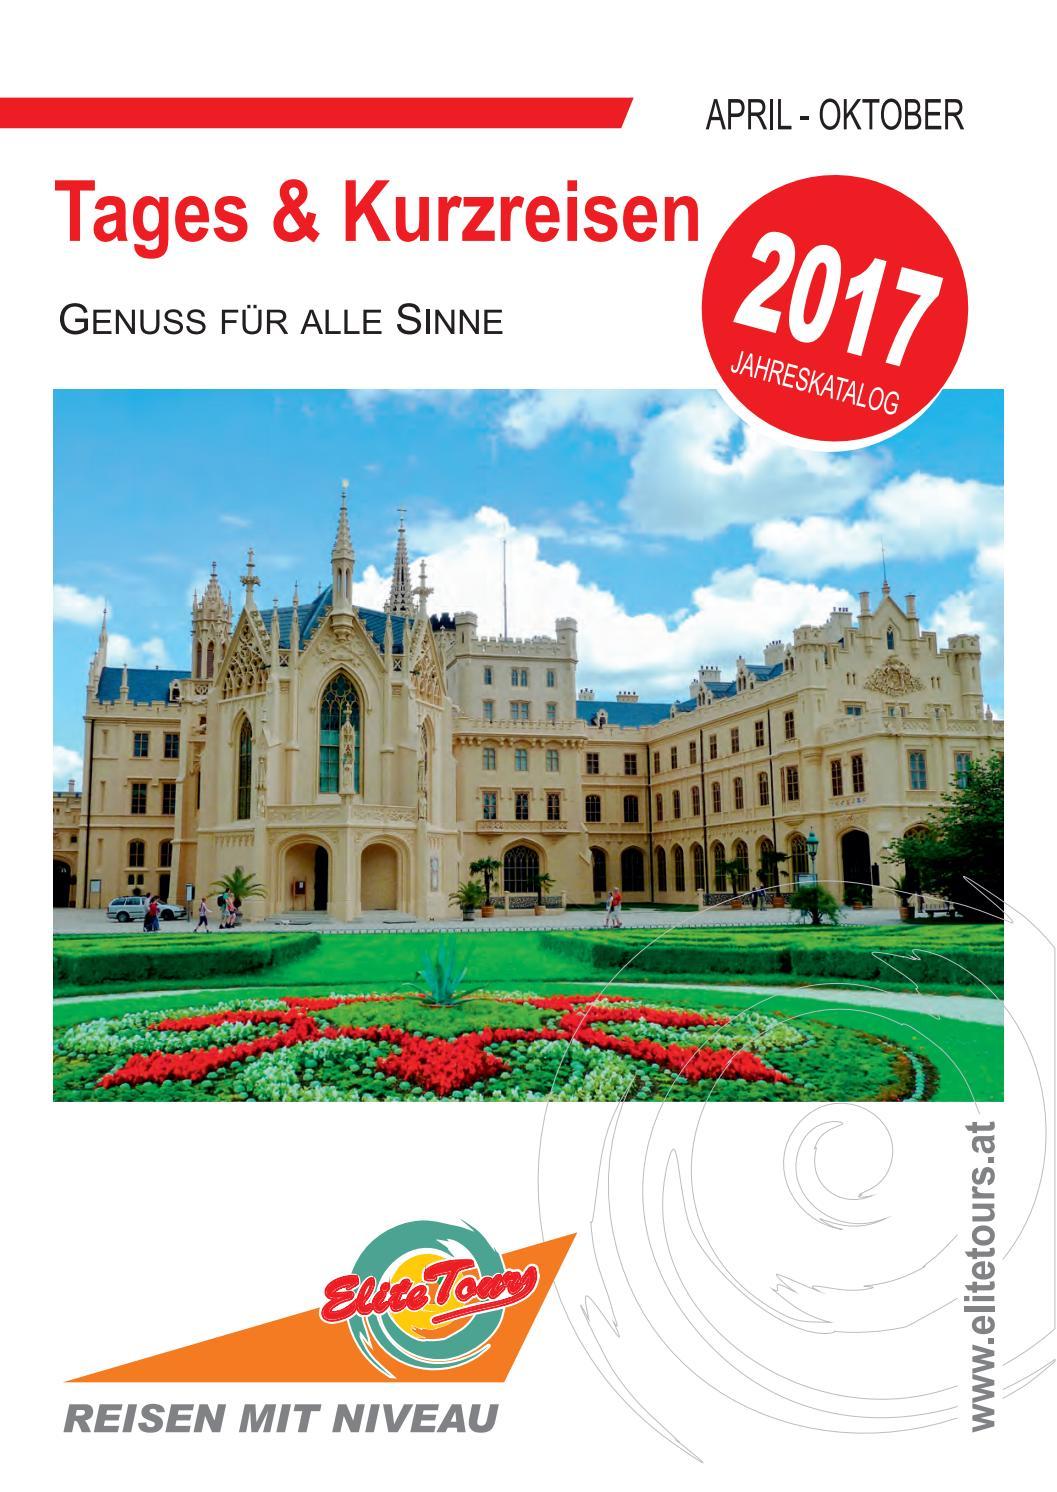 Tages Kurzreisen 2017 By Elite Tours Reiseburo Issuu